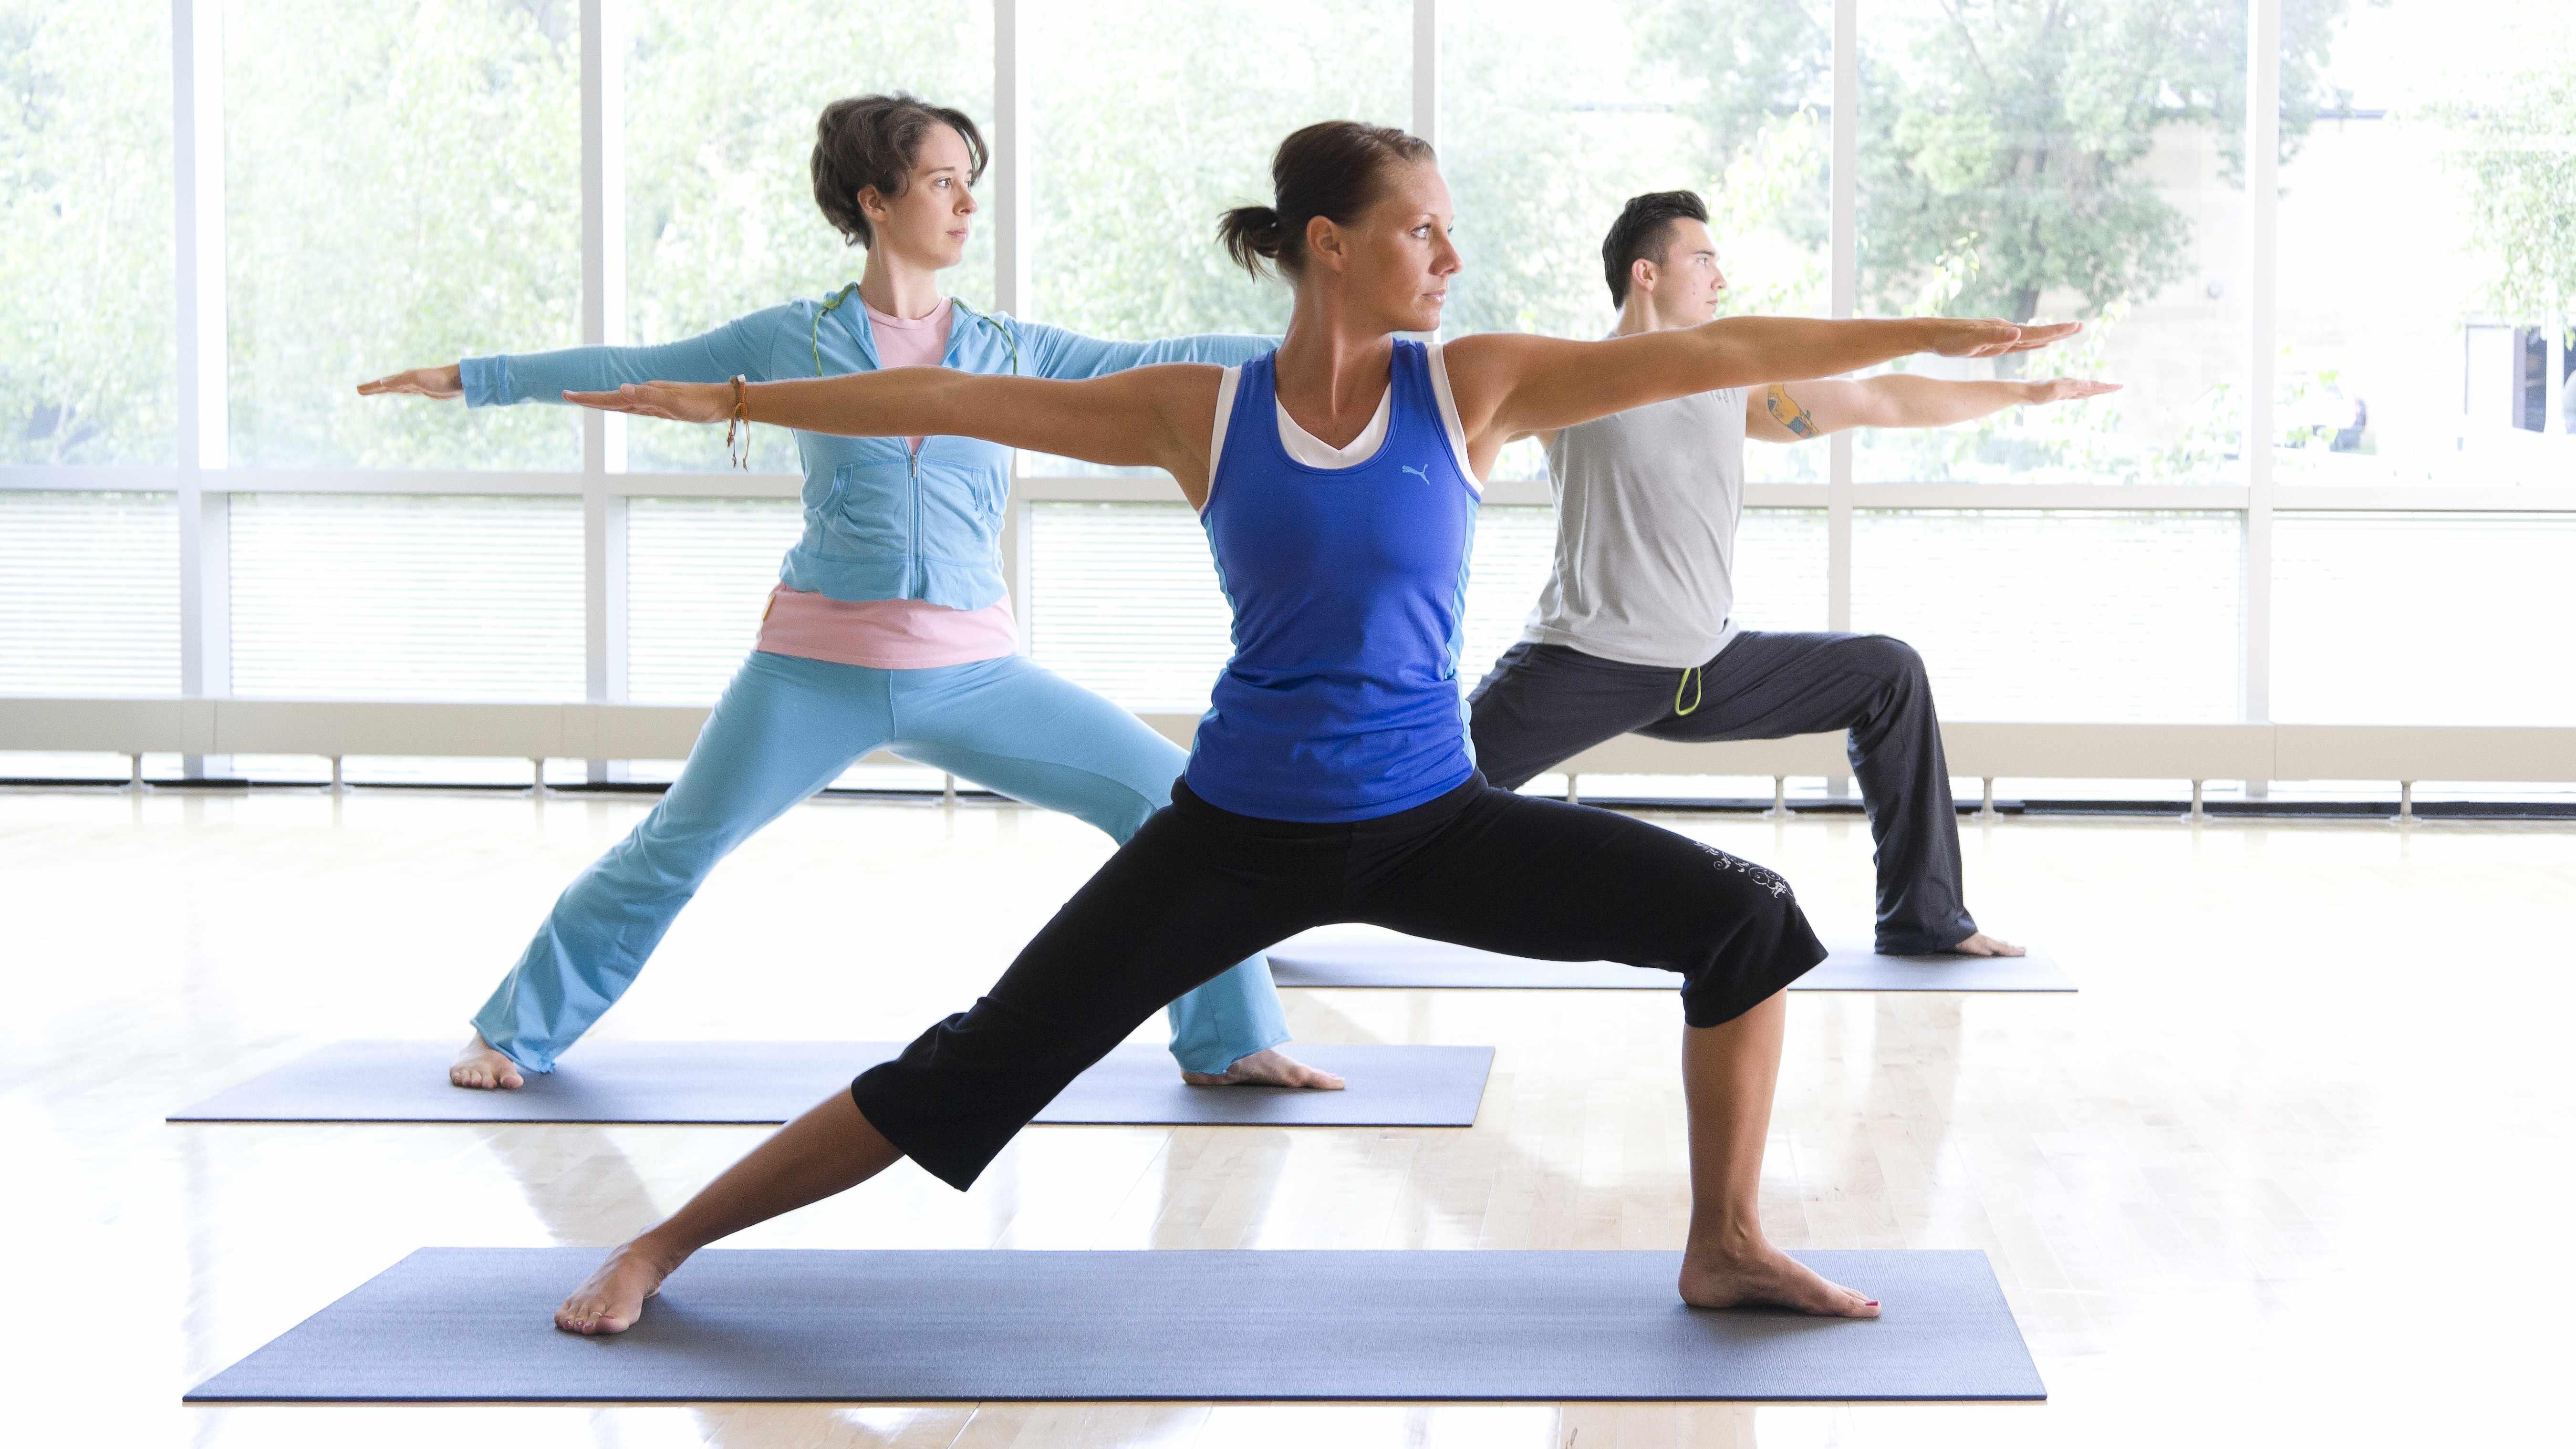 Consejos de salud  Yoga para combatir el estrés y encontrar serenidad 76c54a0c24e1